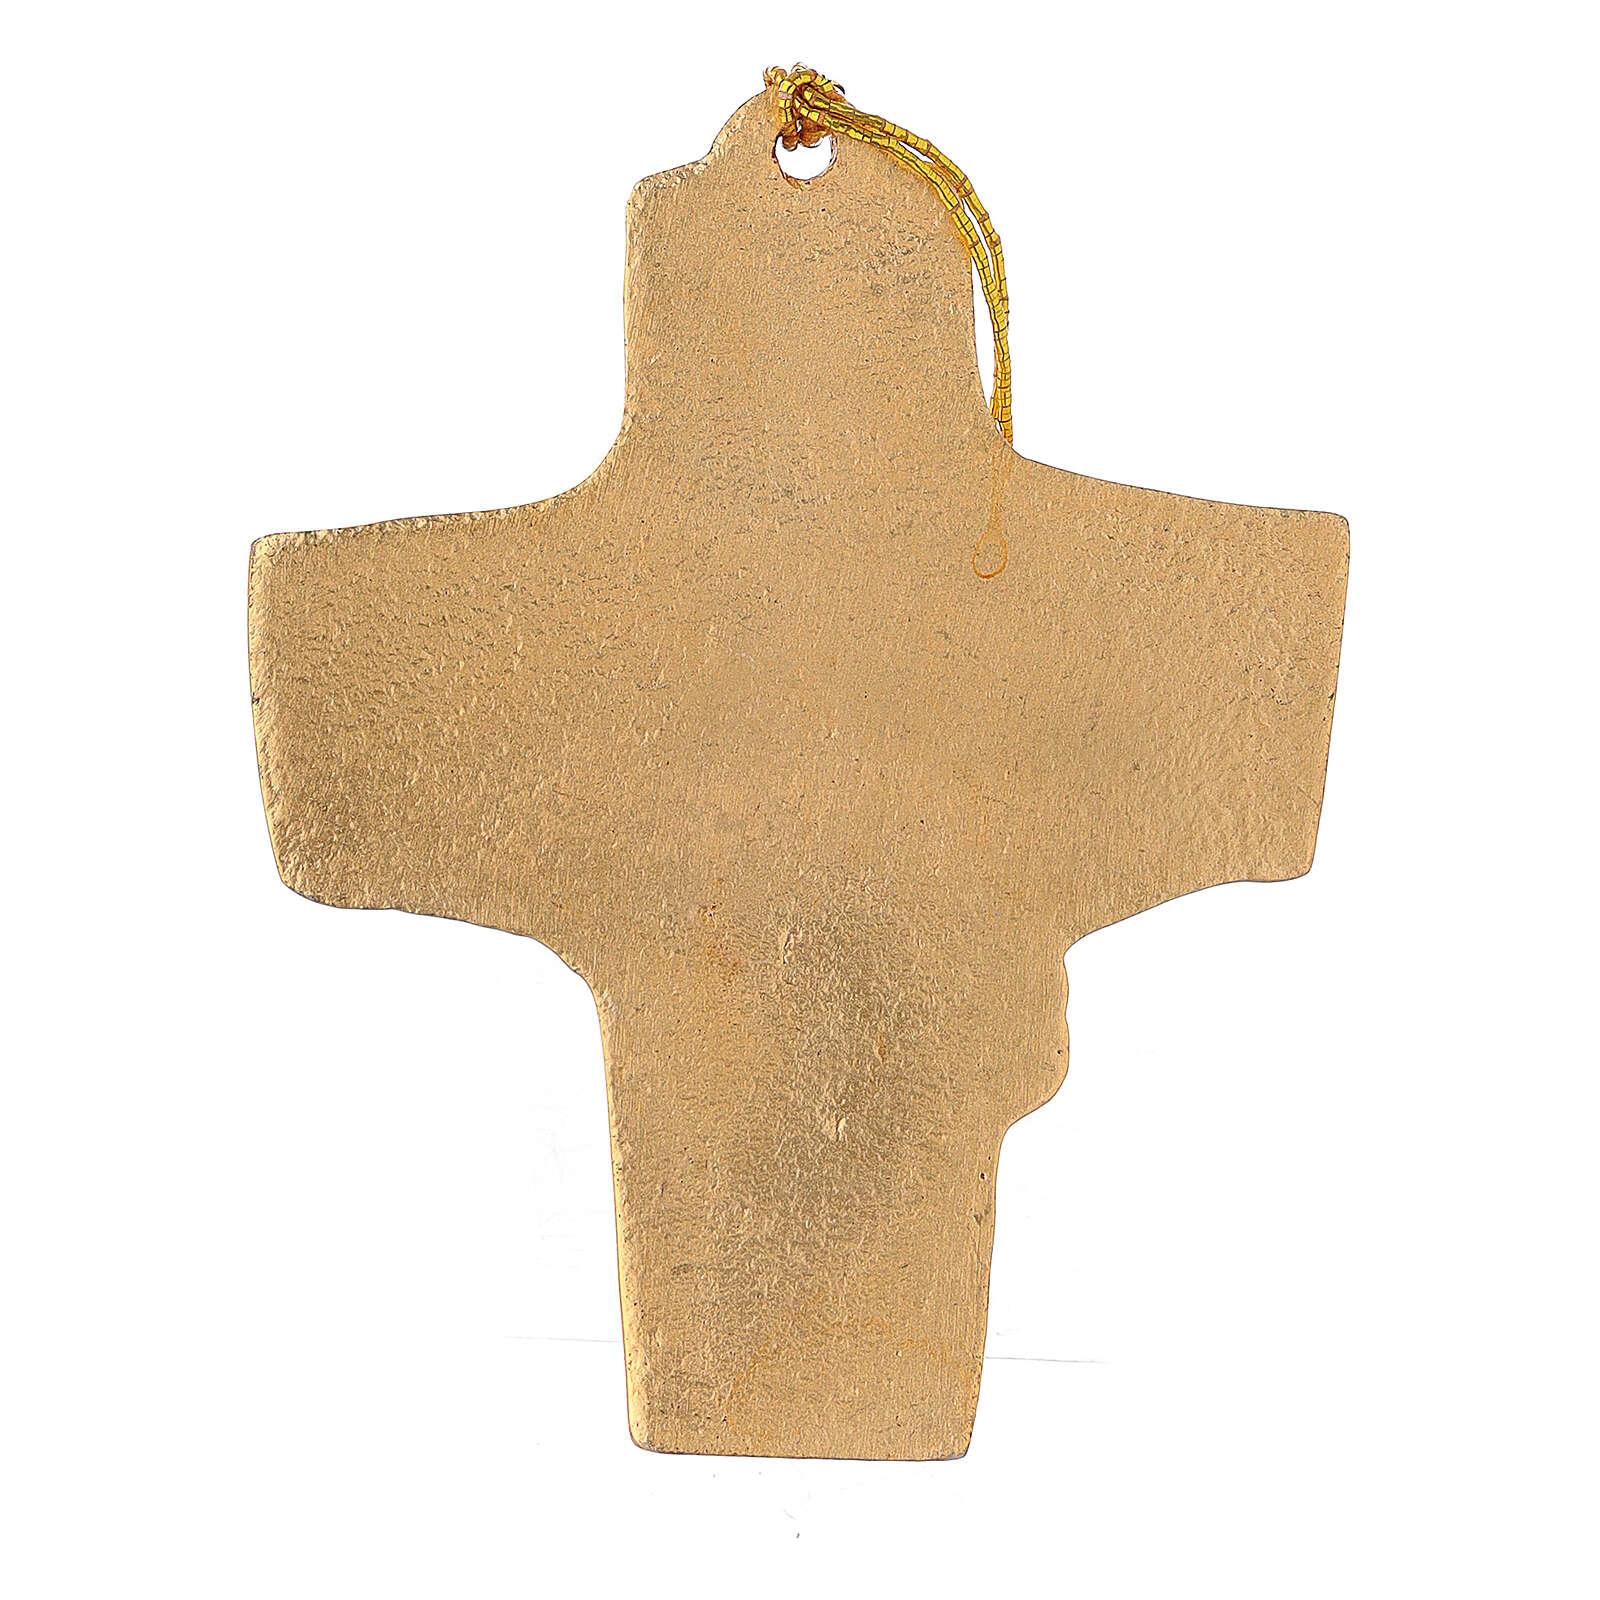 Croce da appendere grano uva 9,5 cm alluminio dorato 4